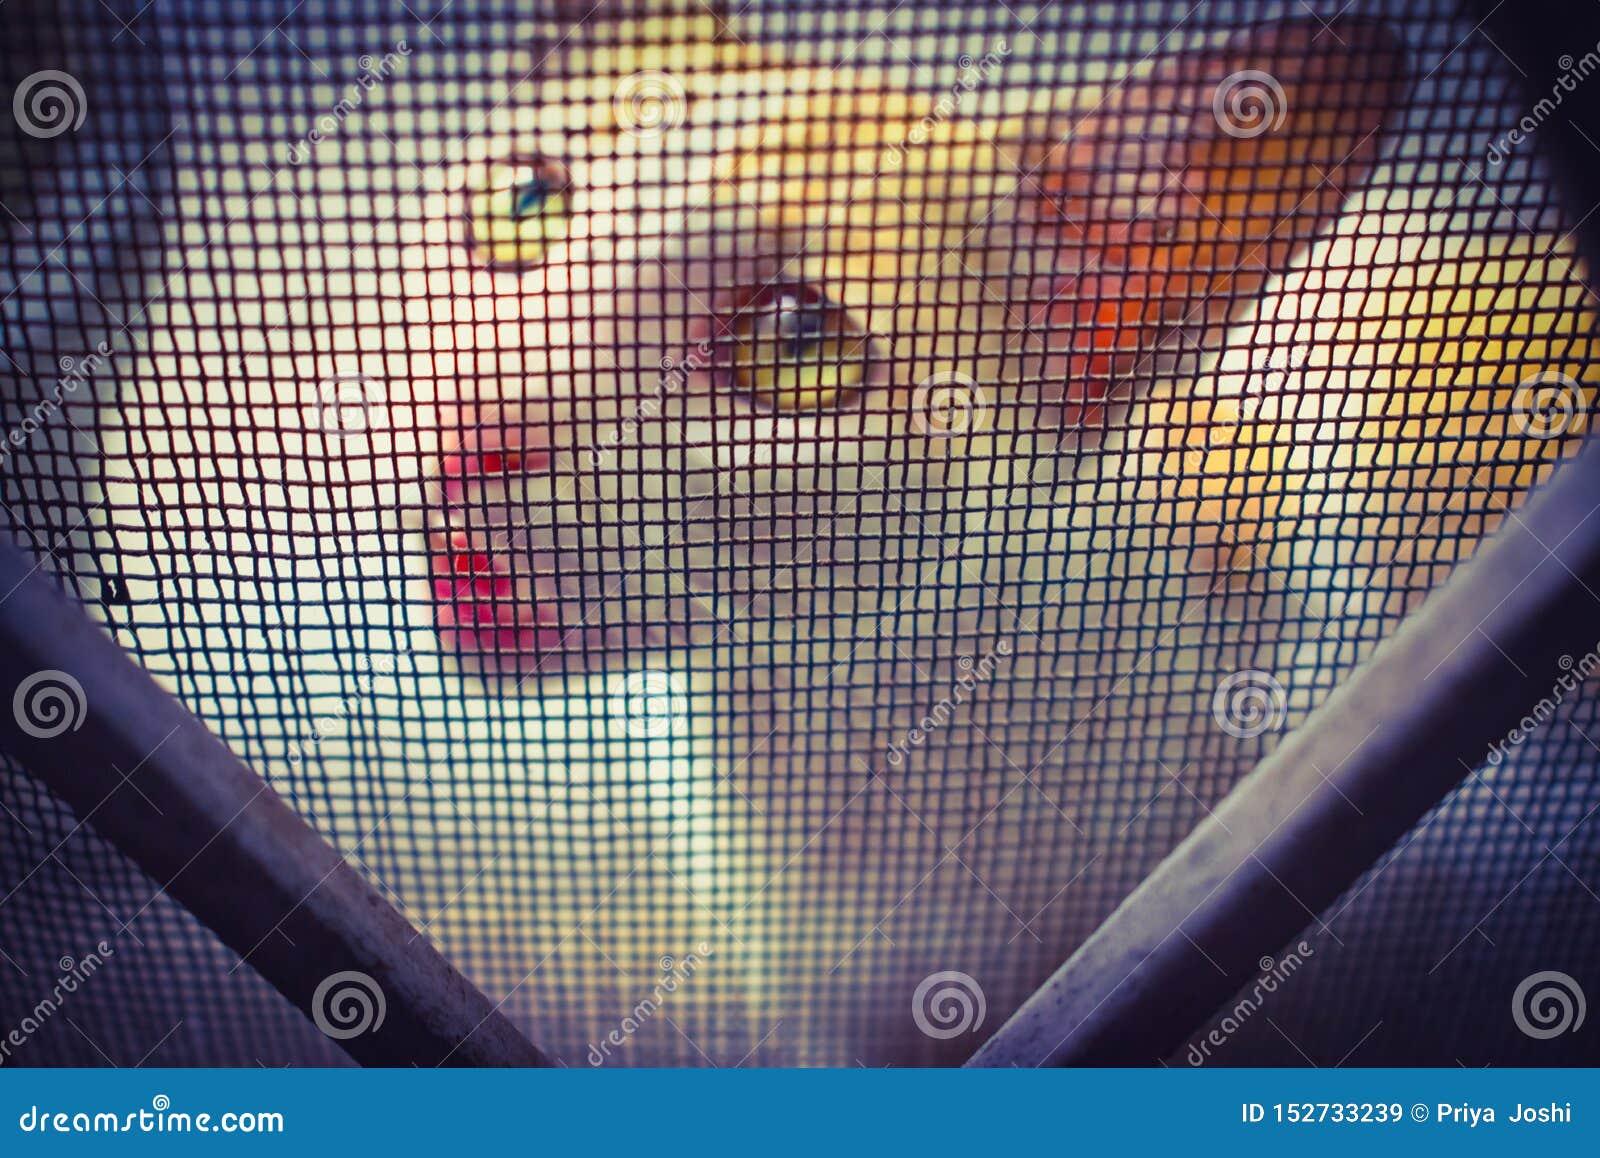 CAT С МИЛЫМ ВЫРАЖЕНИЕМ смотря через ячеистую сеть